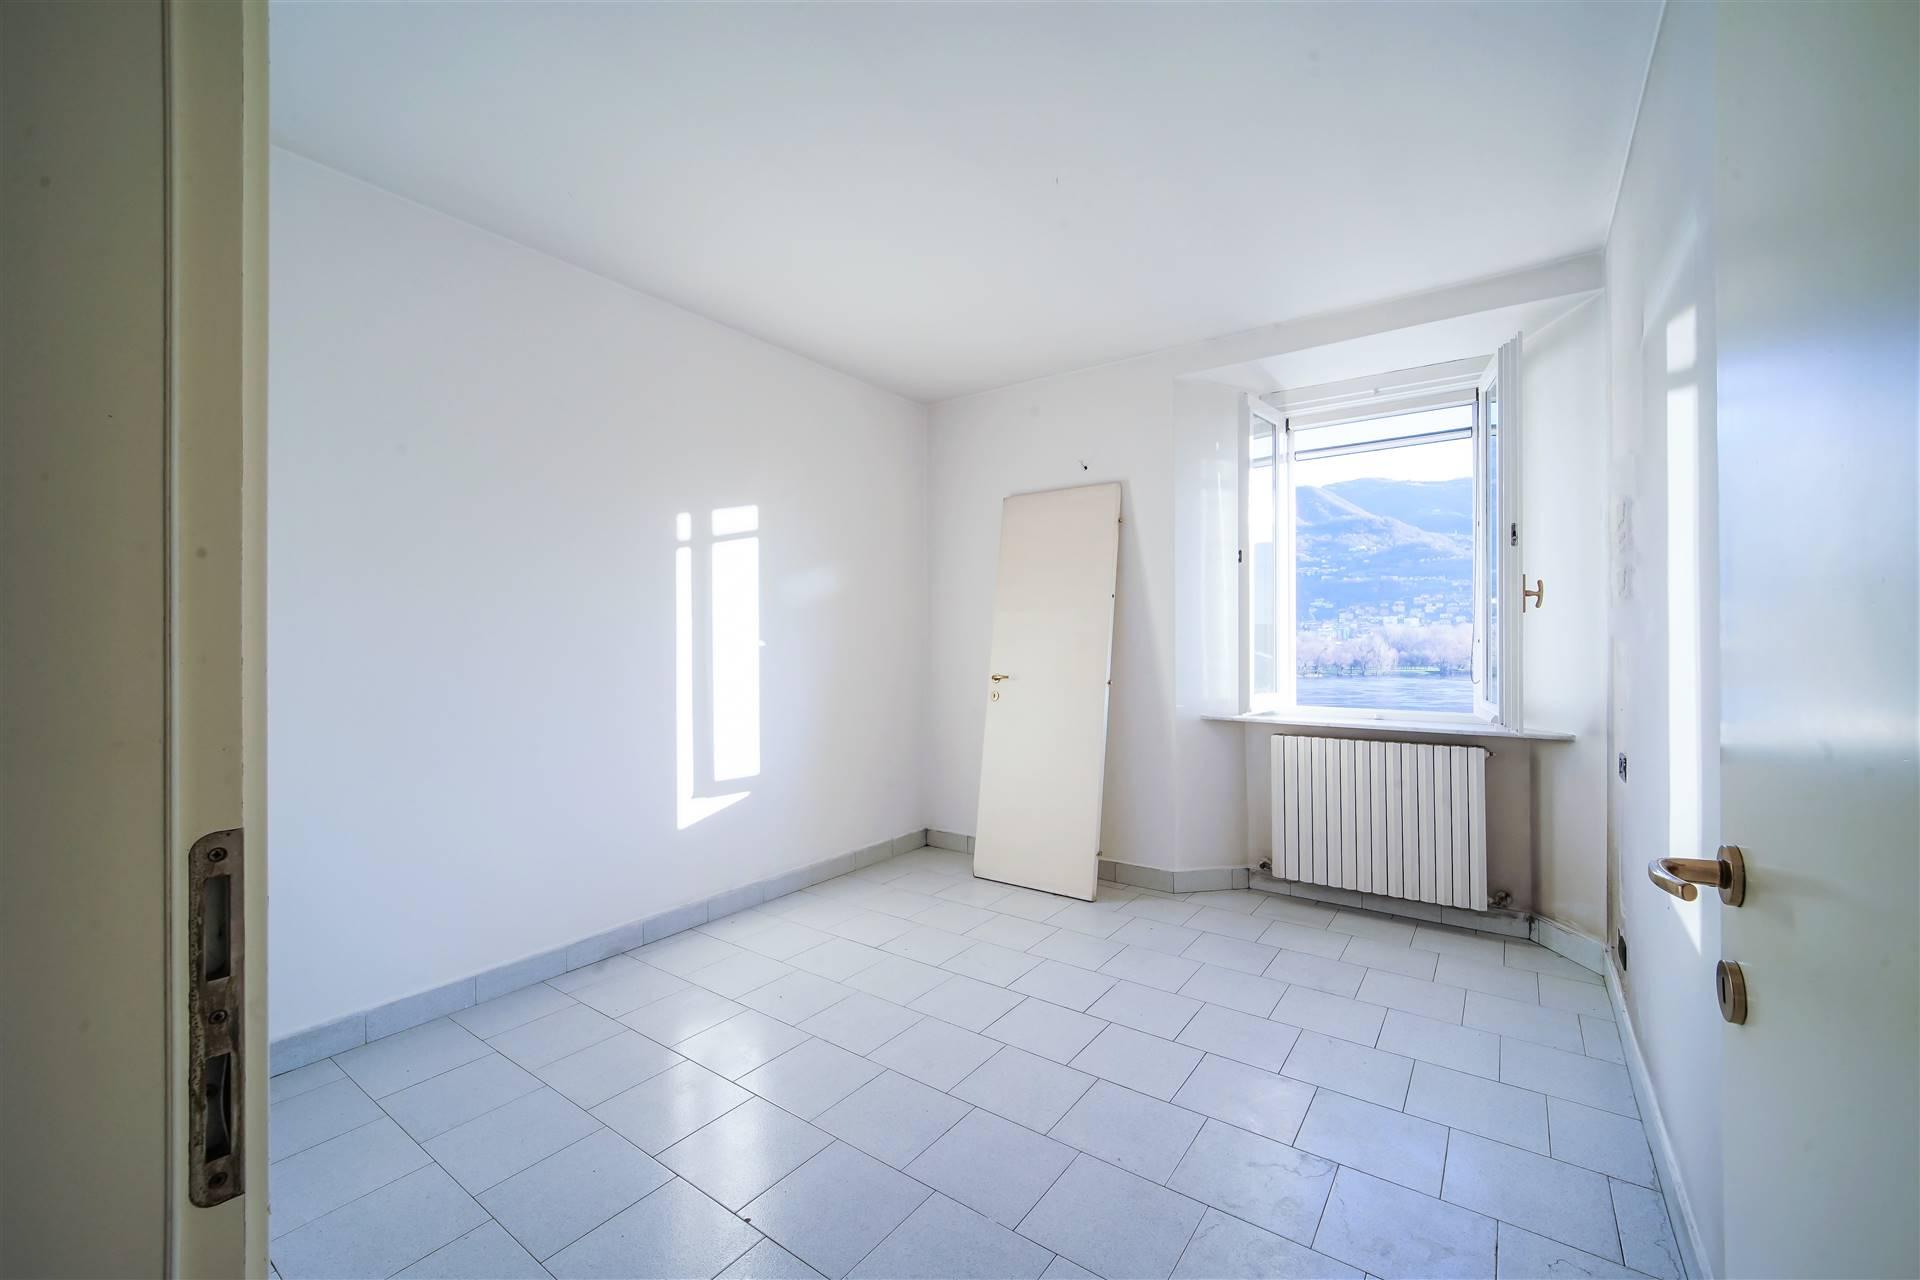 Appartamento in vendita a Olginate, 3 locali, prezzo € 100.000   CambioCasa.it